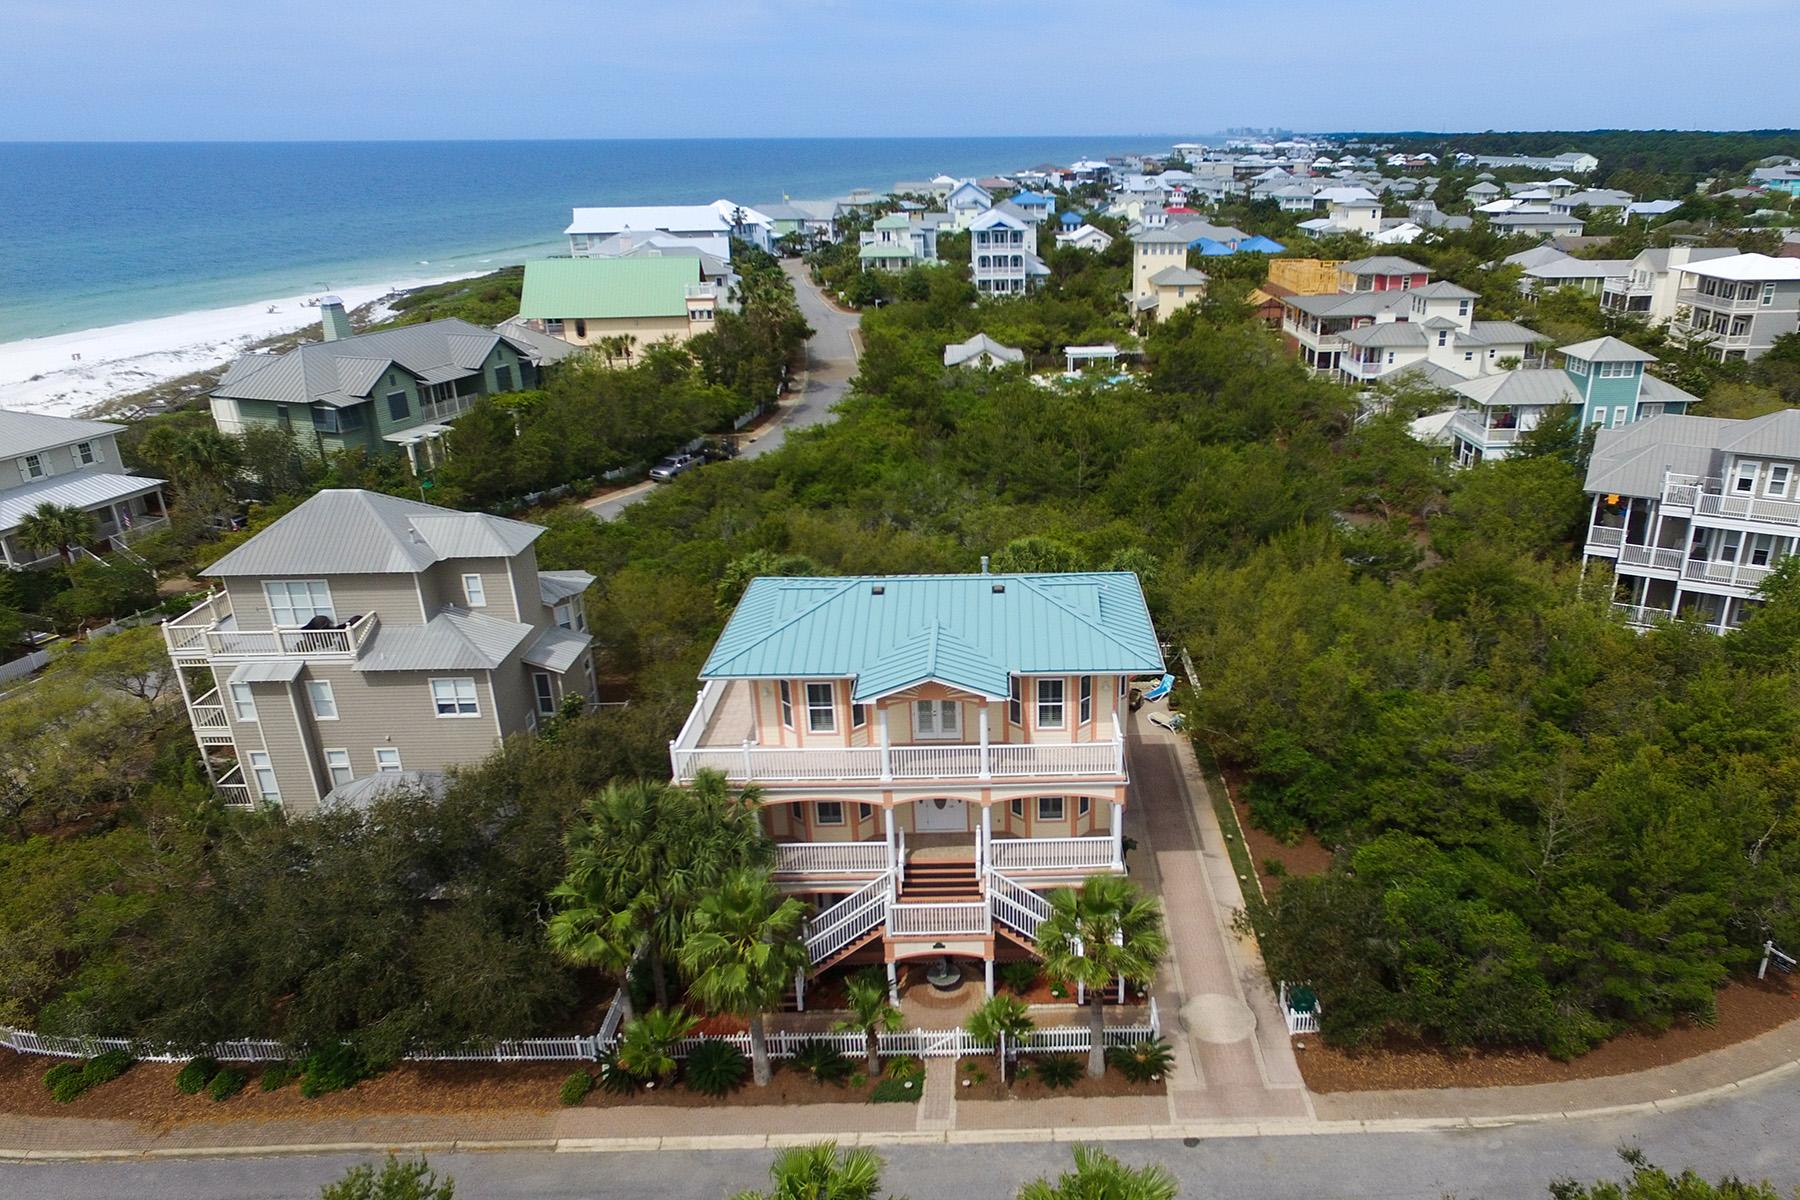 Vivienda unifamiliar por un Venta en ELEGANT GULF VIEW HOME WITH PRIVATE BEACH 260 Old Beach Road Santa Rosa Beach, Florida, 32459 Estados Unidos